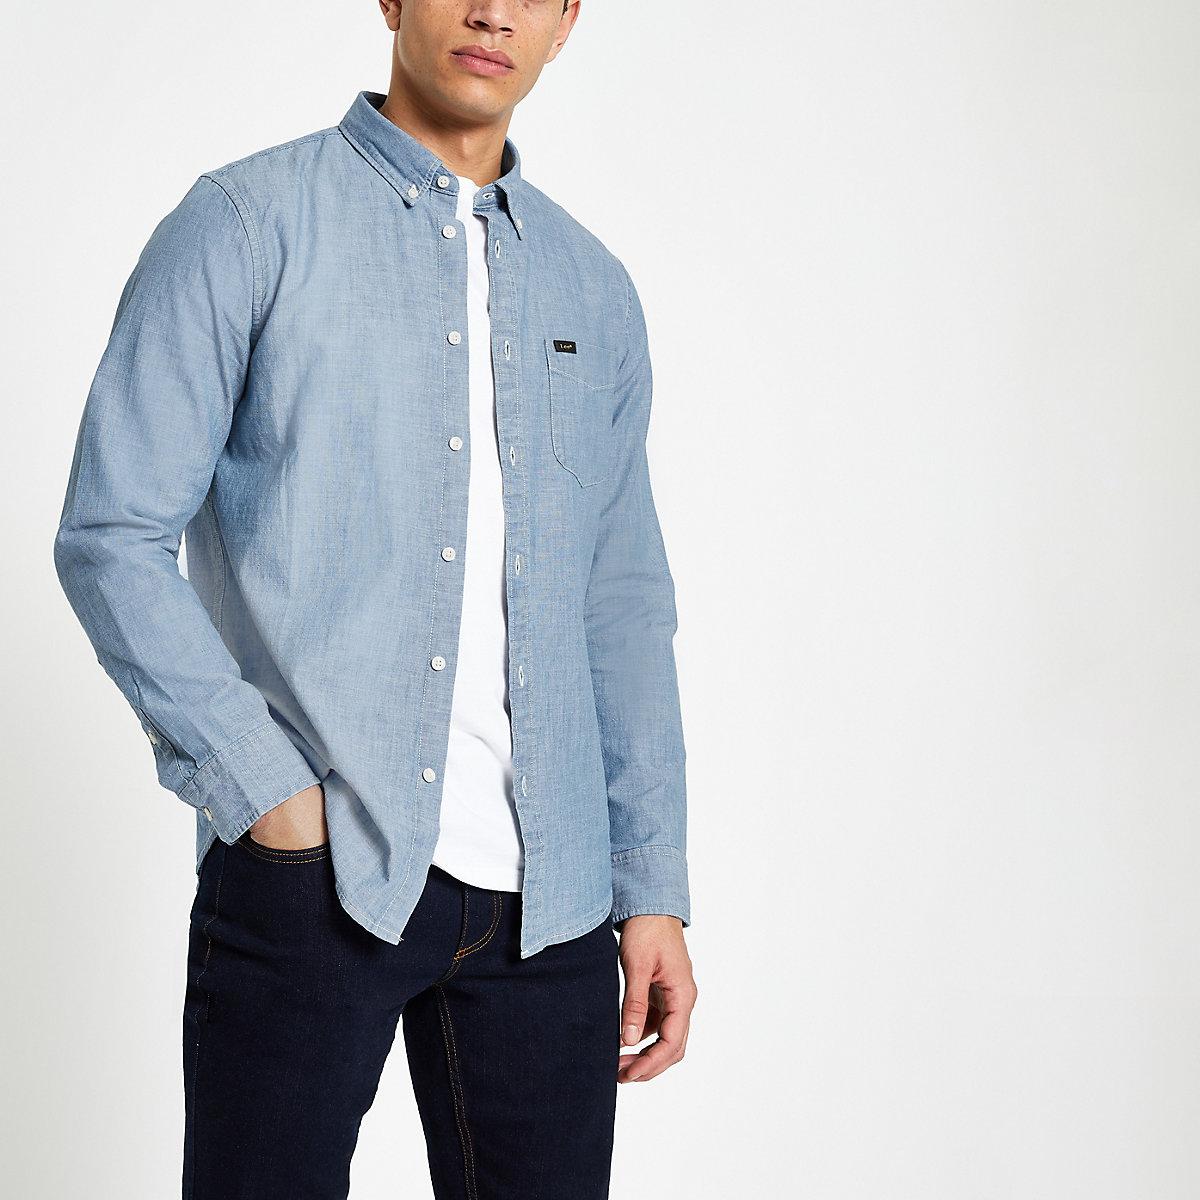 Lee light blue button down denim shirt